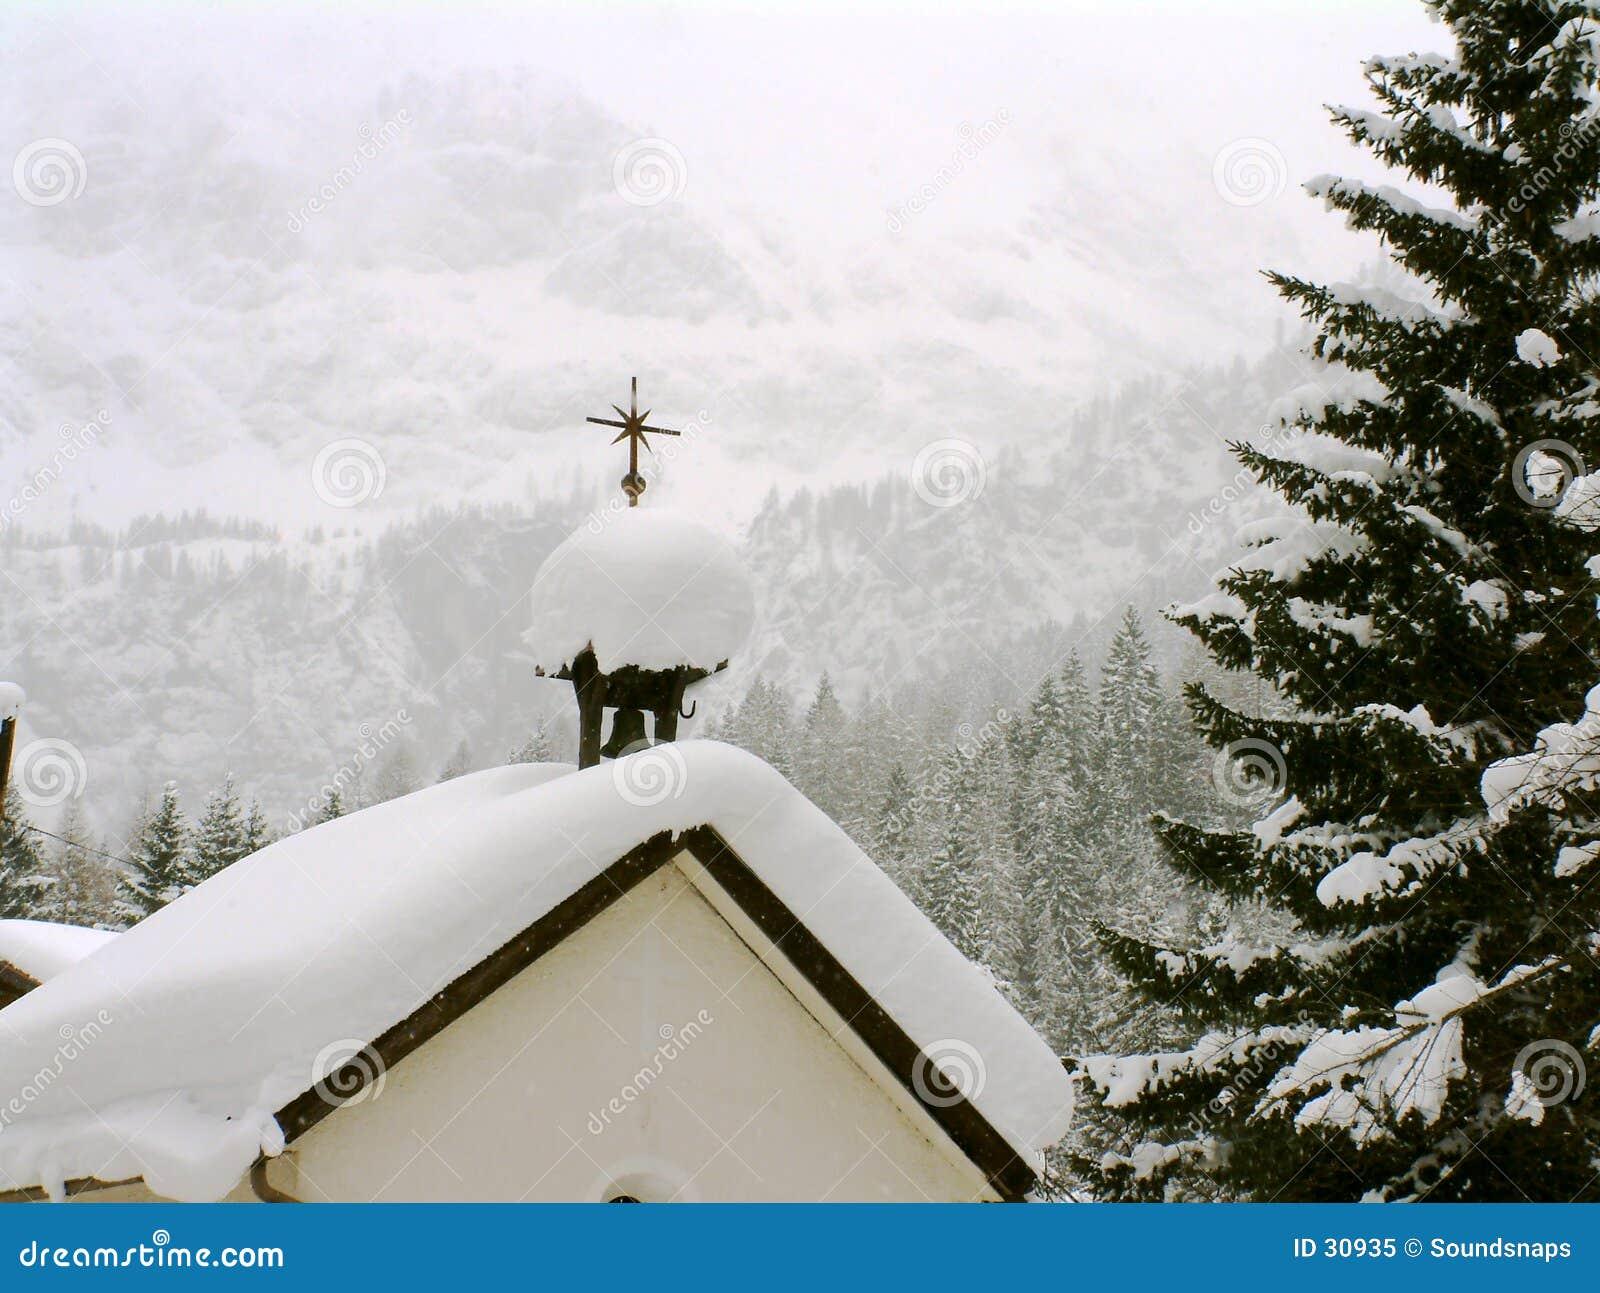 Download Capilla austríaca en nieve imagen de archivo. Imagen de estacional - 30935